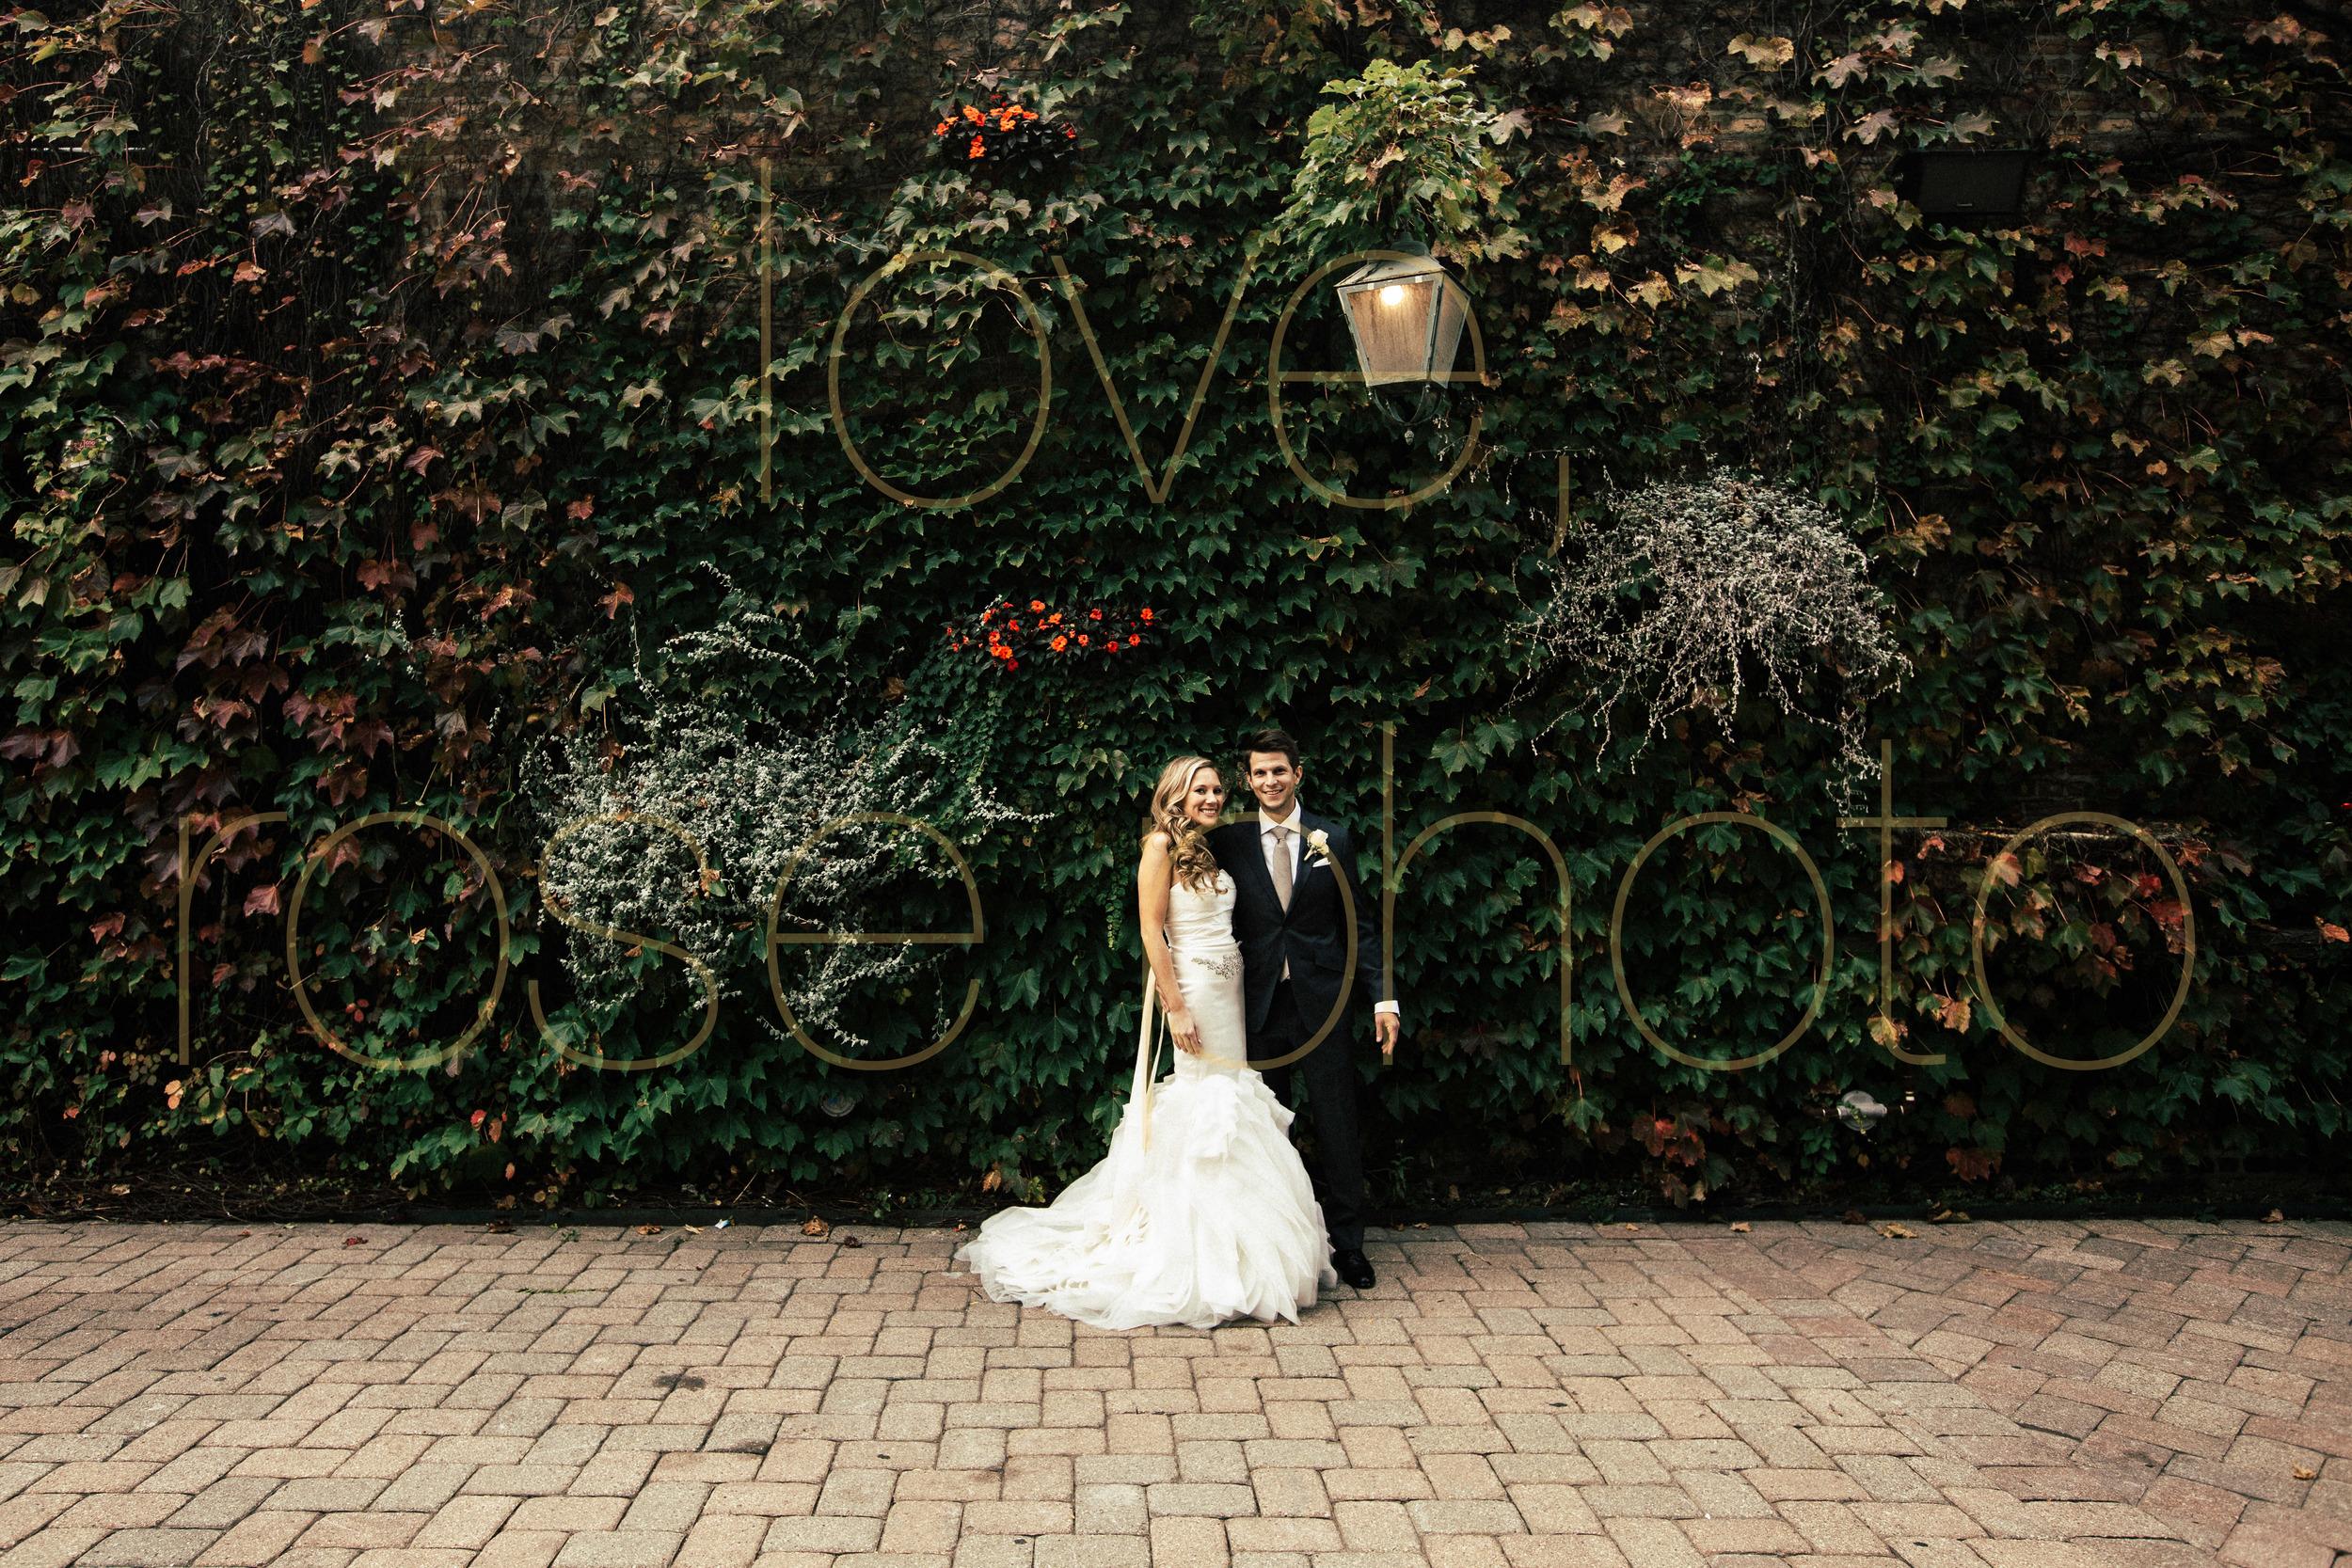 Jodie + Phil Chicago wedding Galleria Marchetti Vera Wang Modern Luxury Brides CS rosegold kinzie street brige -020.jpg